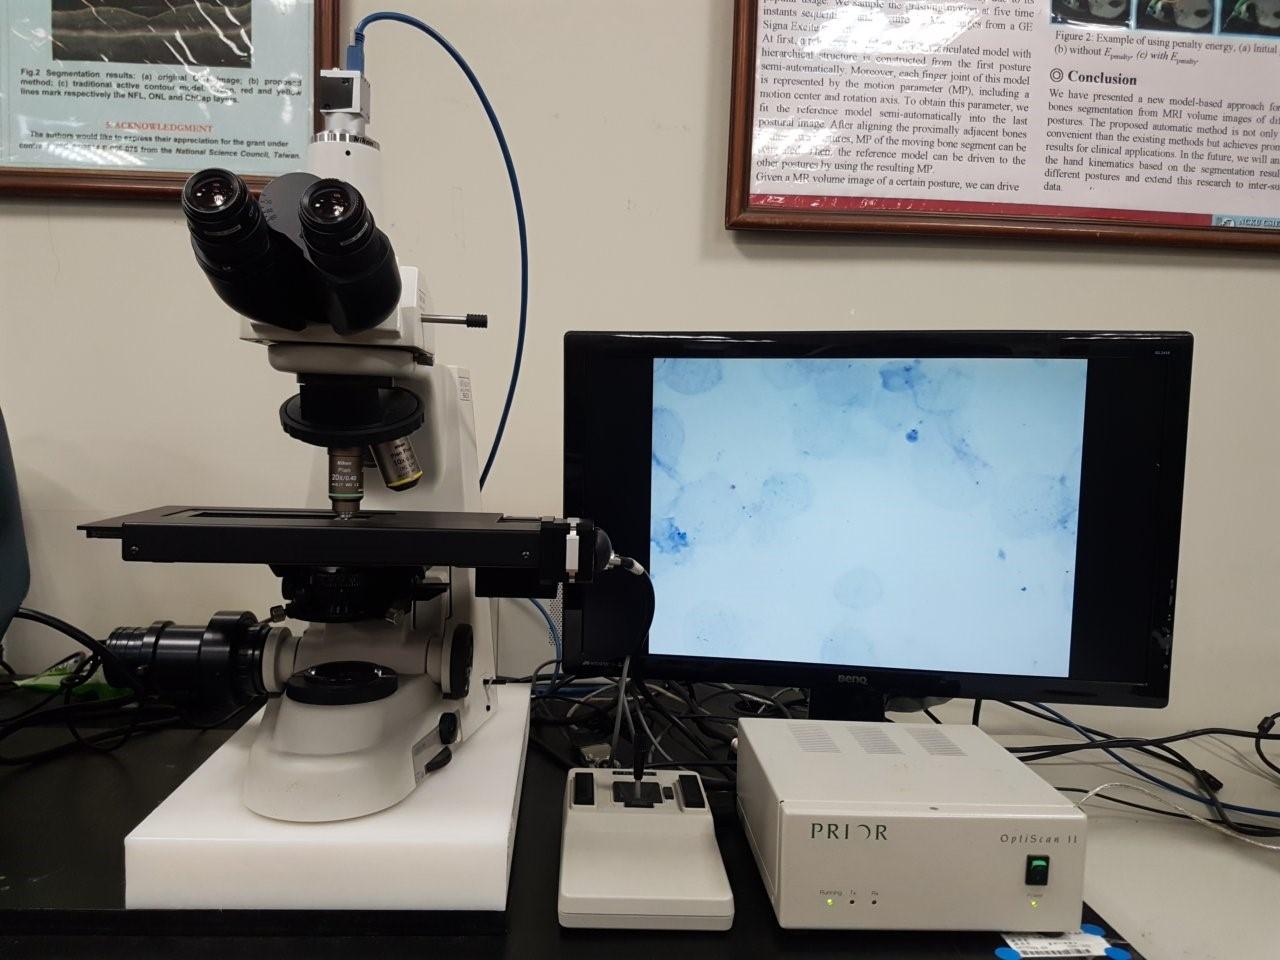 人工智慧結核病鏡檢系統